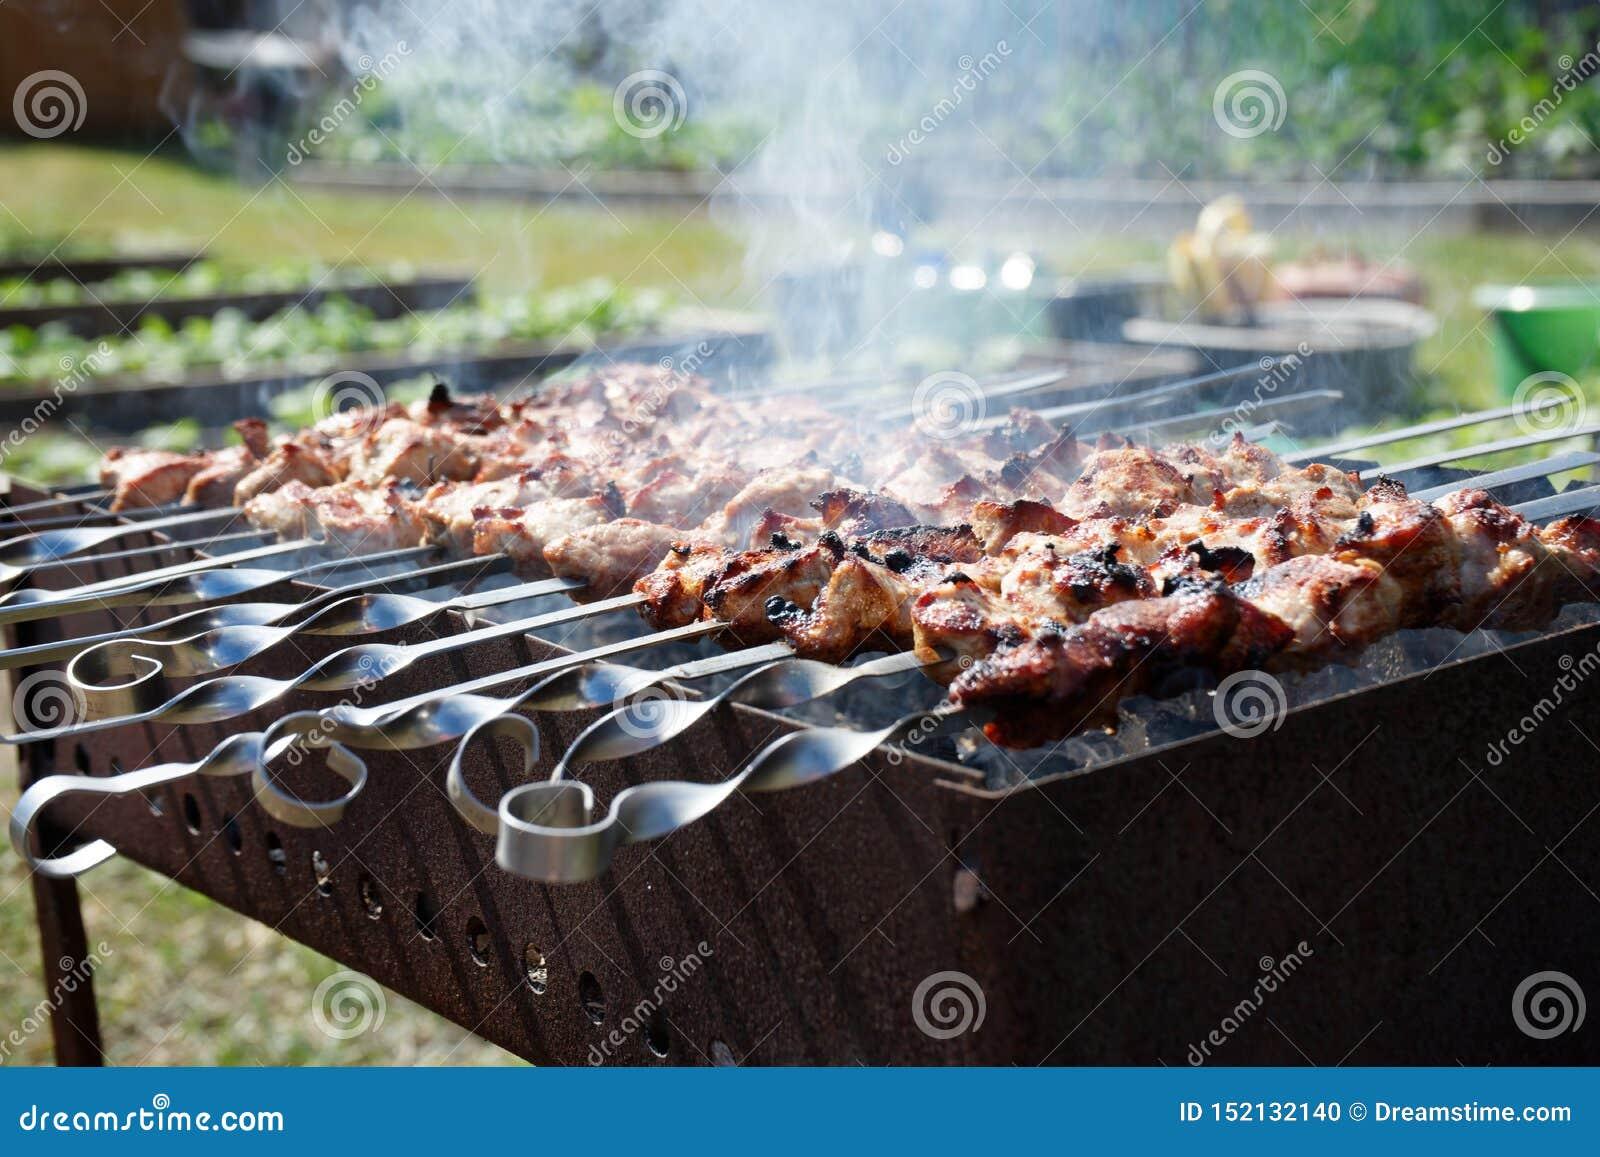 Барбекю с дымом подготовлено на гриле